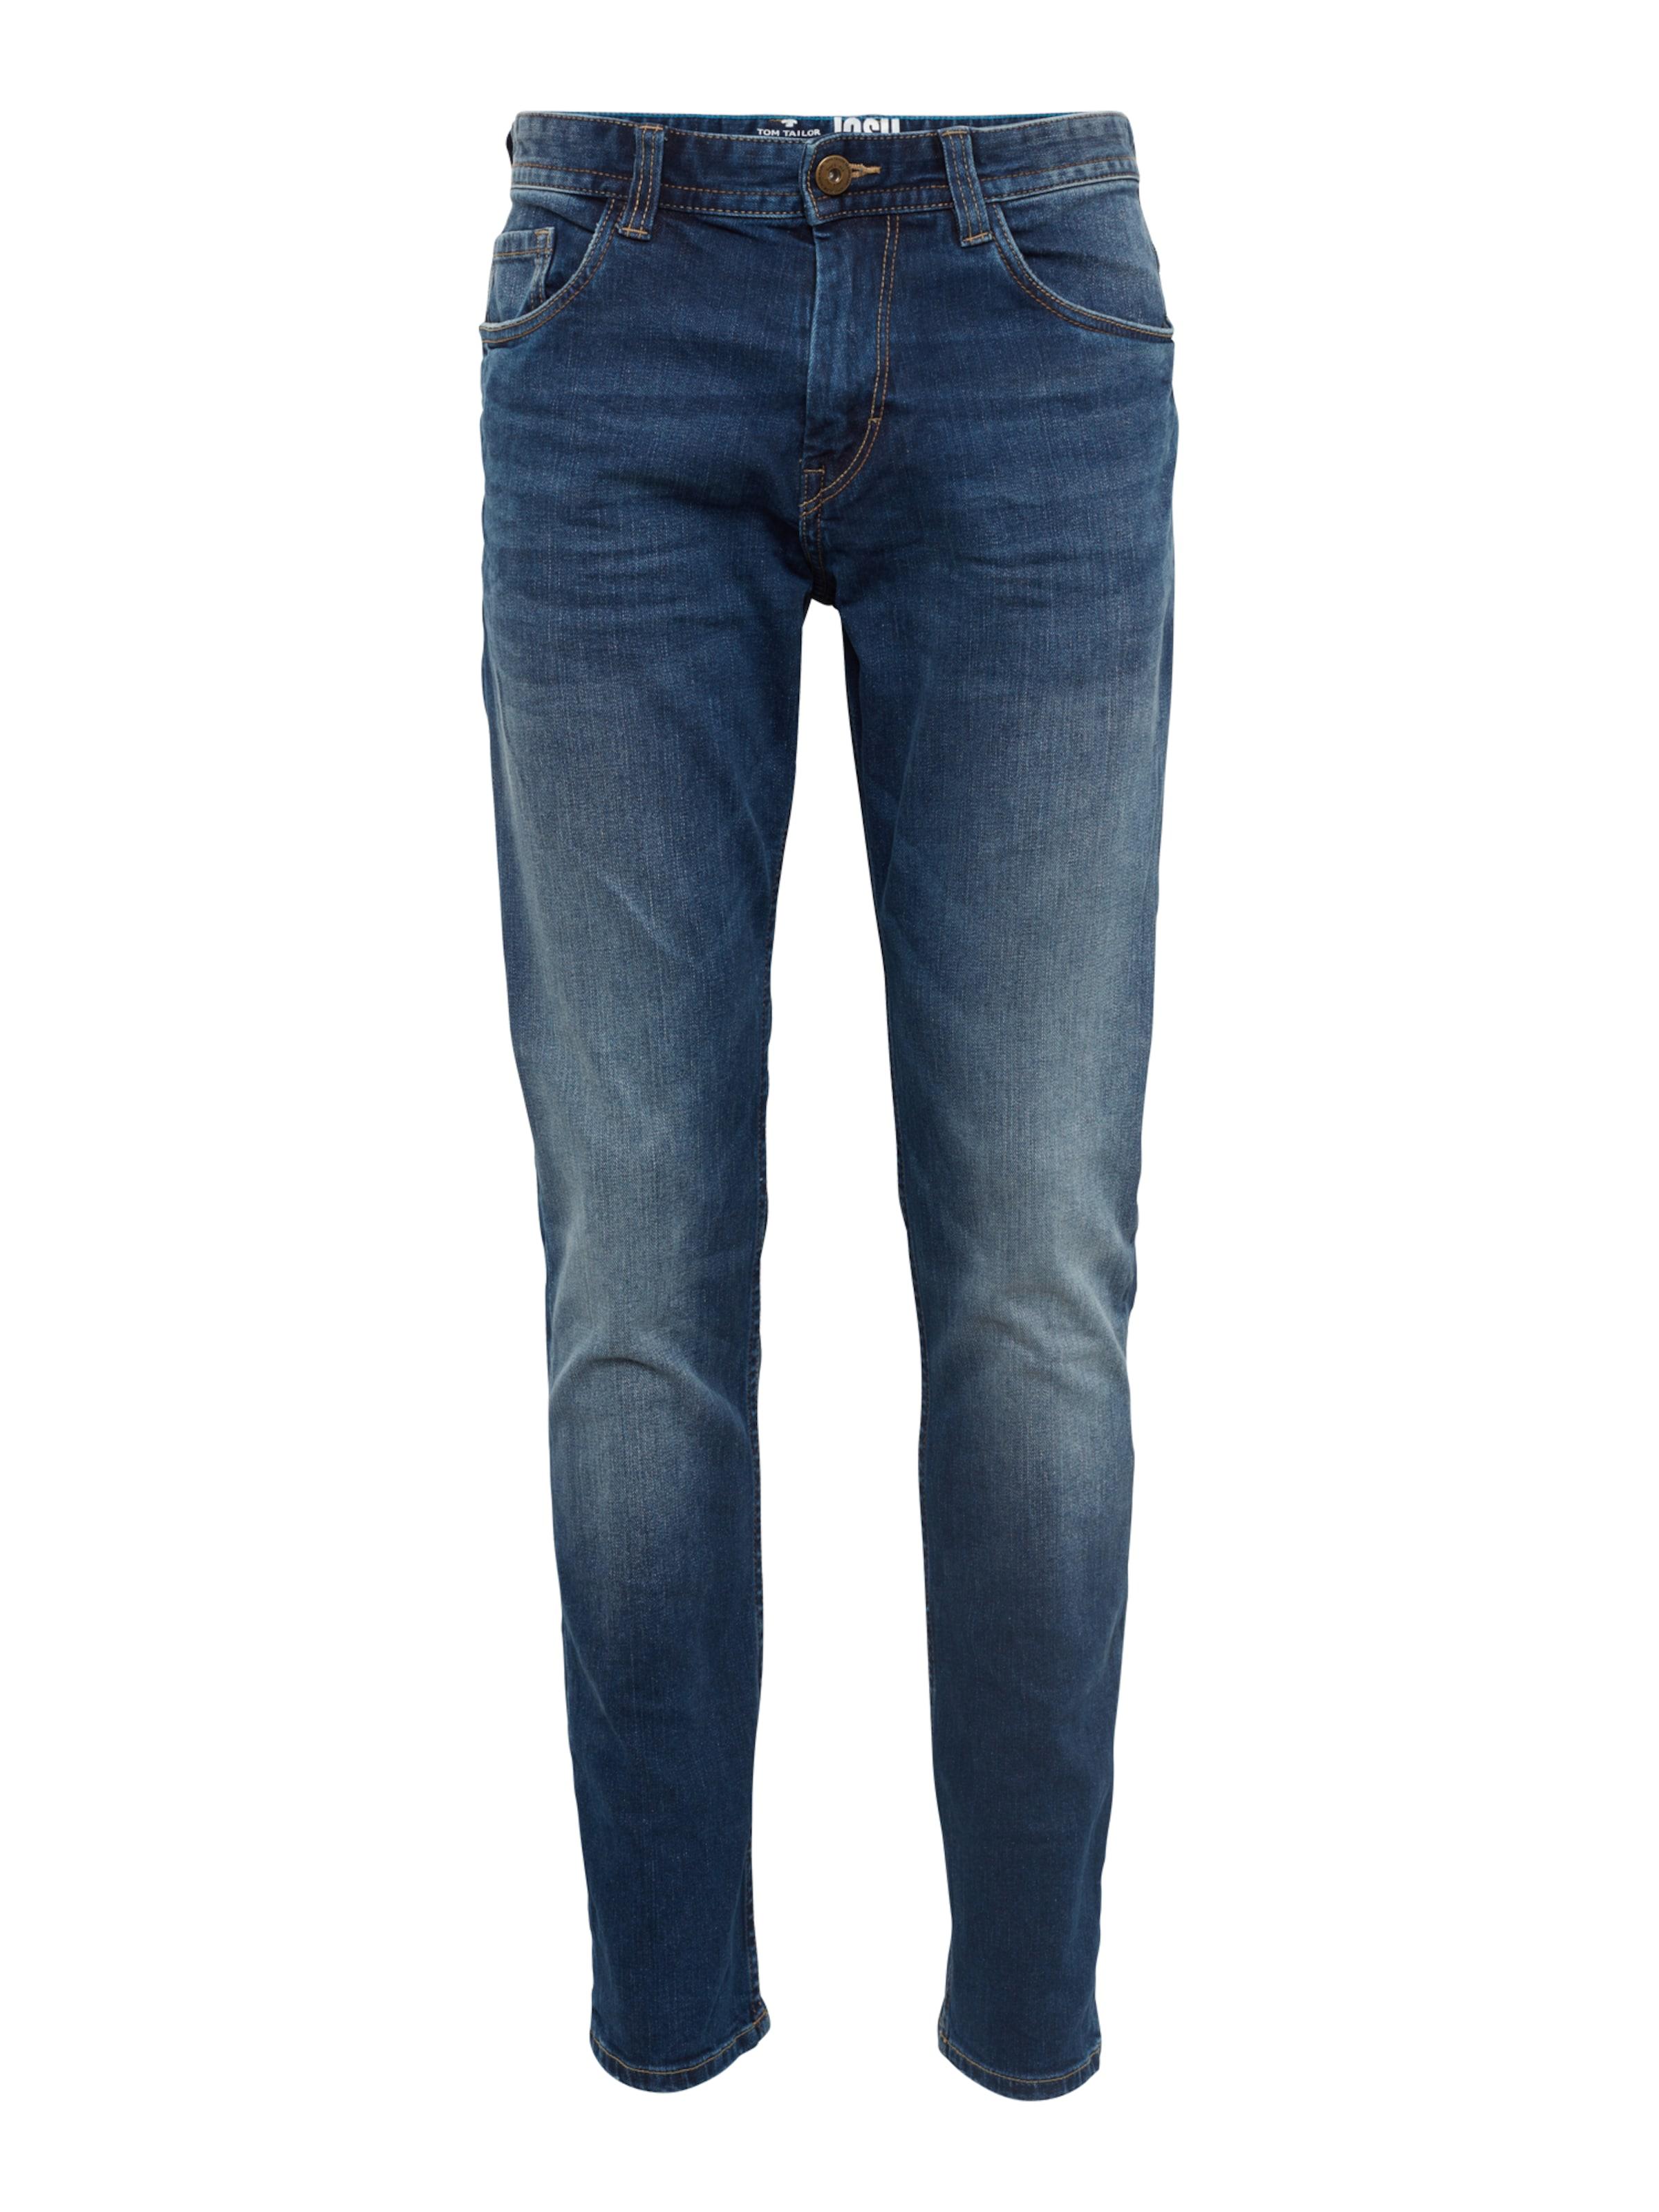 Tom Tailor In Blue 'josh' Jeans Denim SjLpqVUzMG